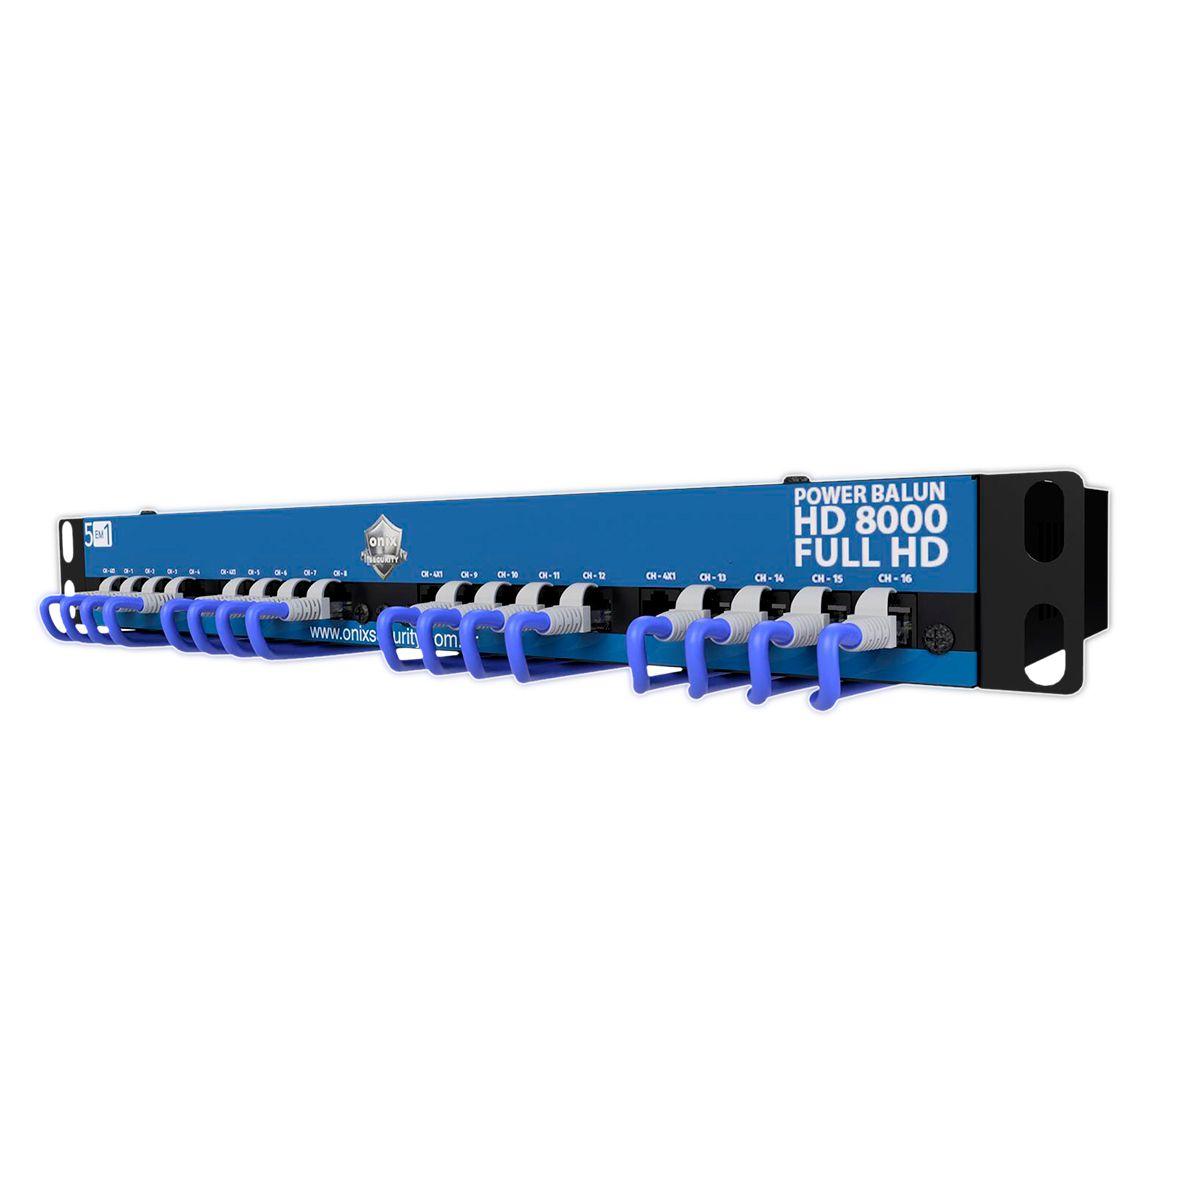 """Rack Power Balun HD 8000 16 Ch De Até 5Mp Onix Security Leva Sinal de Video e Alimentação Através Único Cabo e Fonte Inclusa, Horizontal 19"""" Padrão U   - Tudo Forte"""